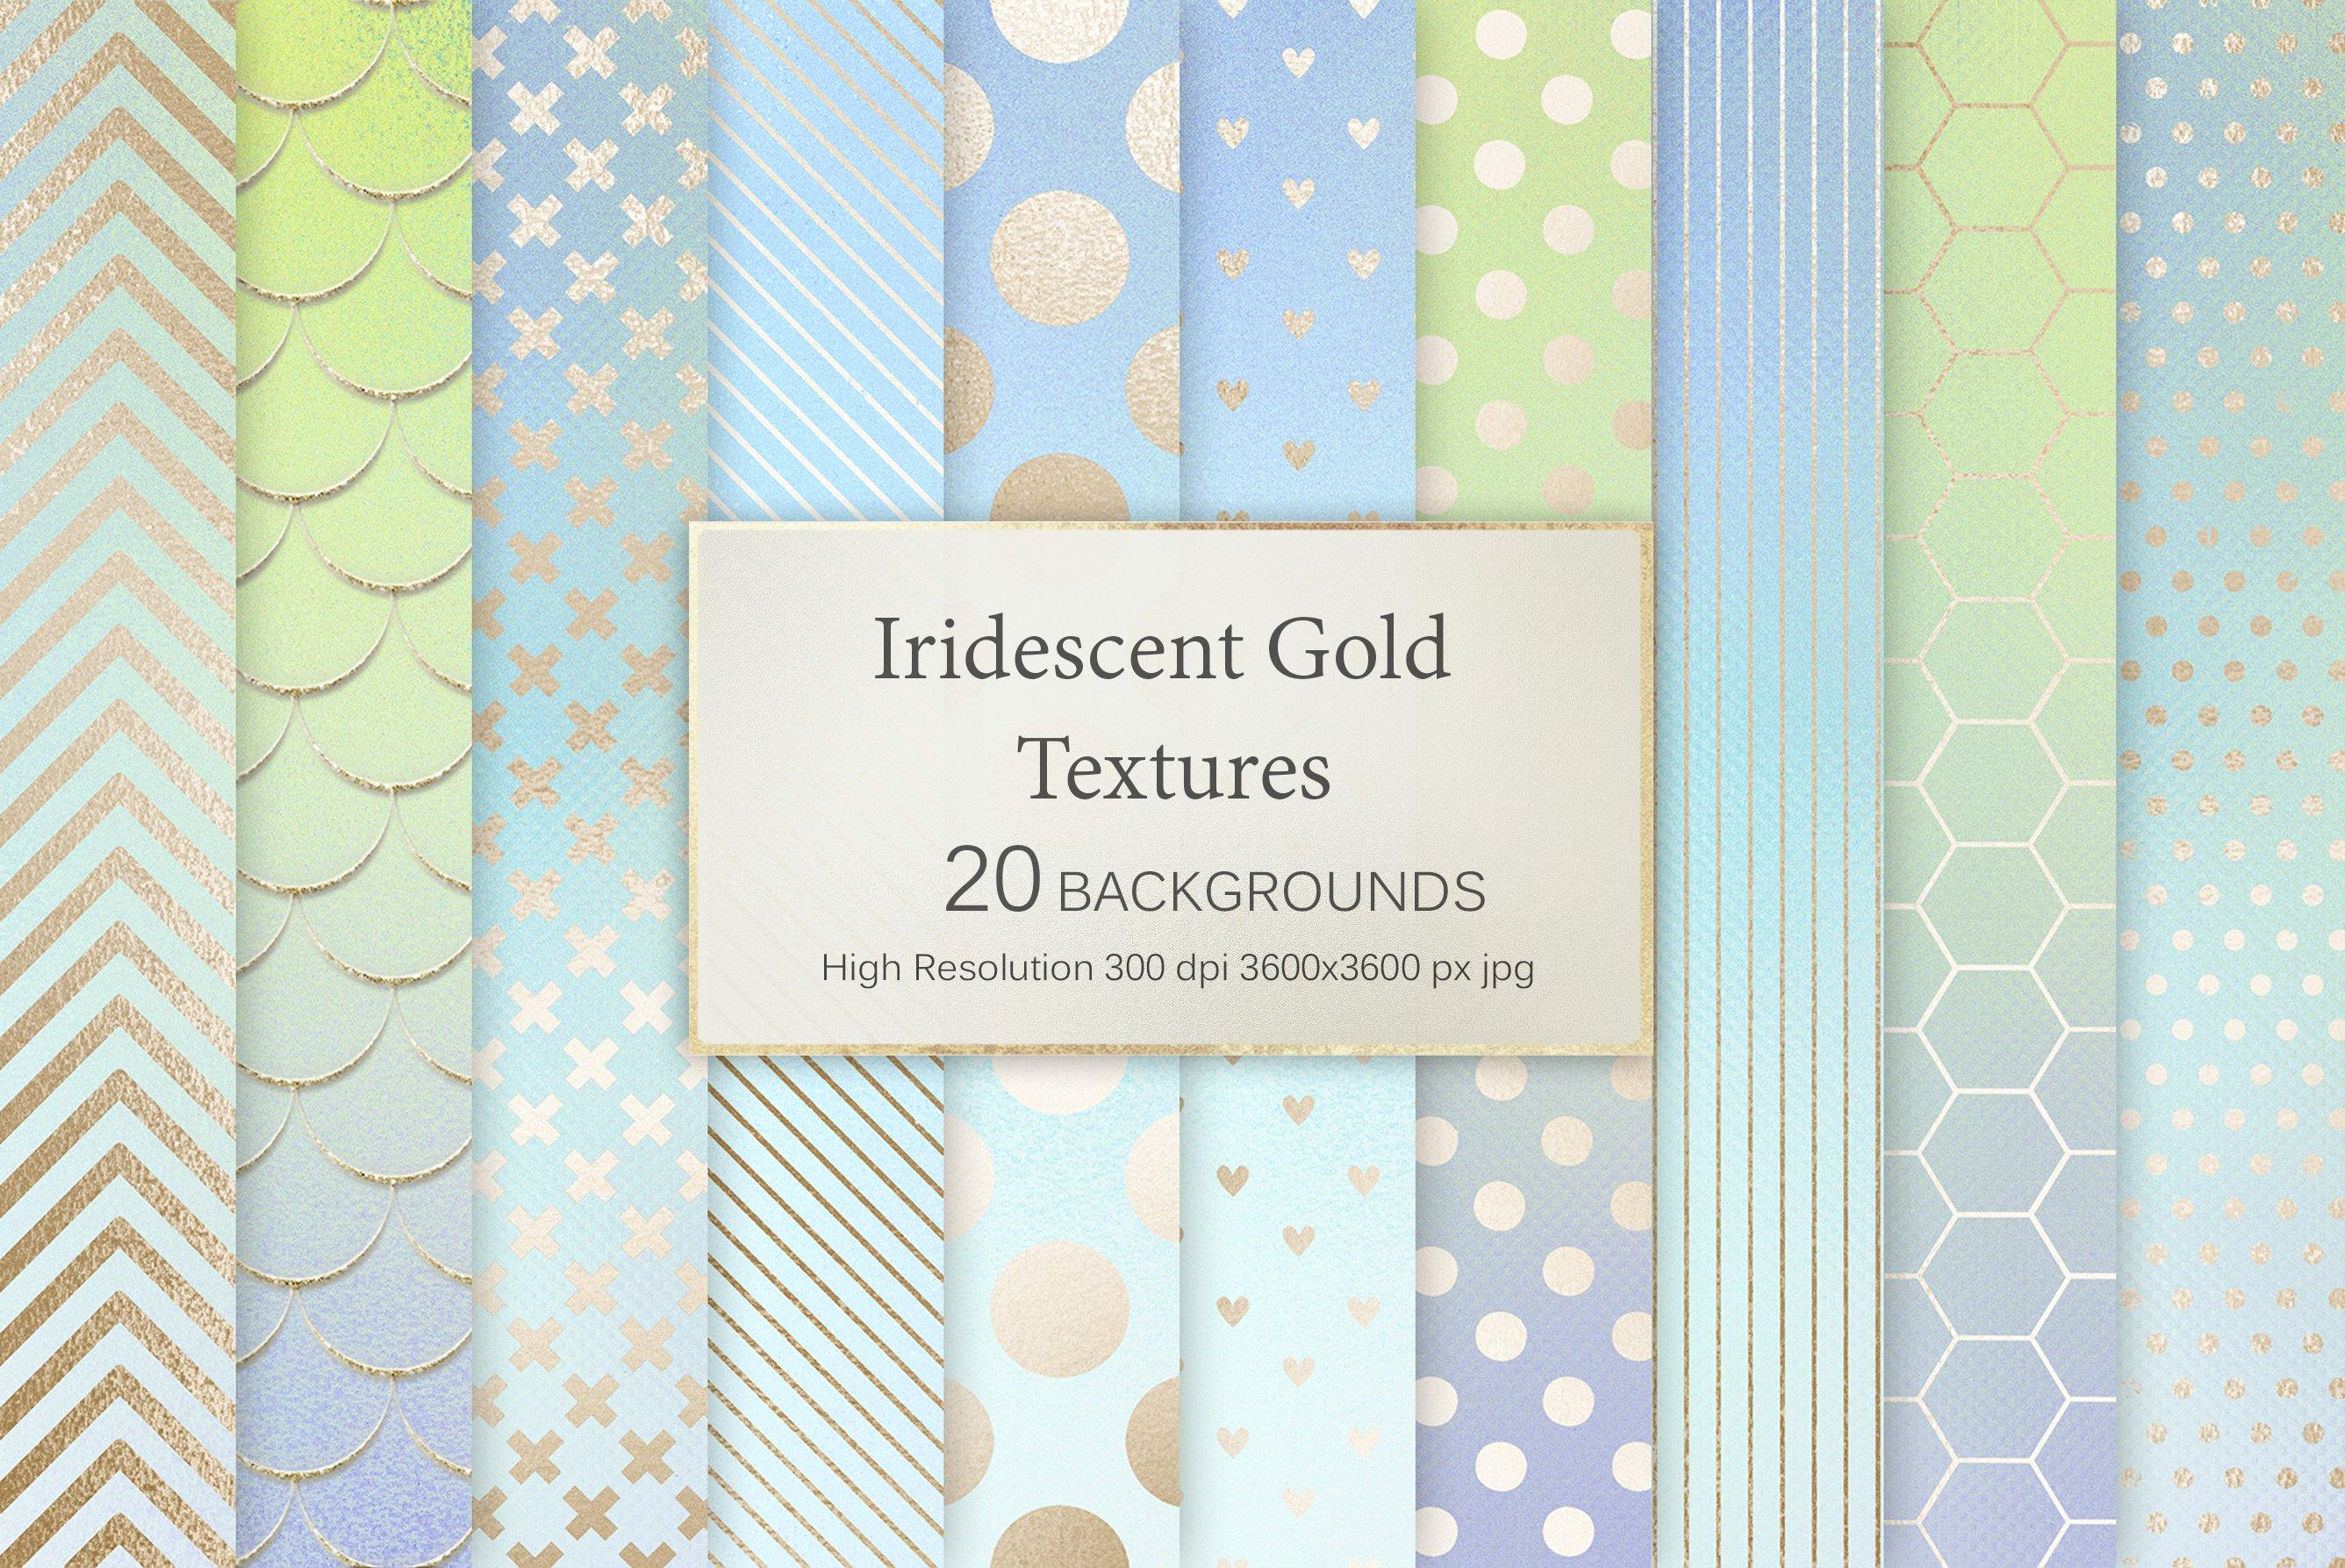 20款虹彩金色纹理海报设计背景图片素材 Iridescent Gold Textures插图